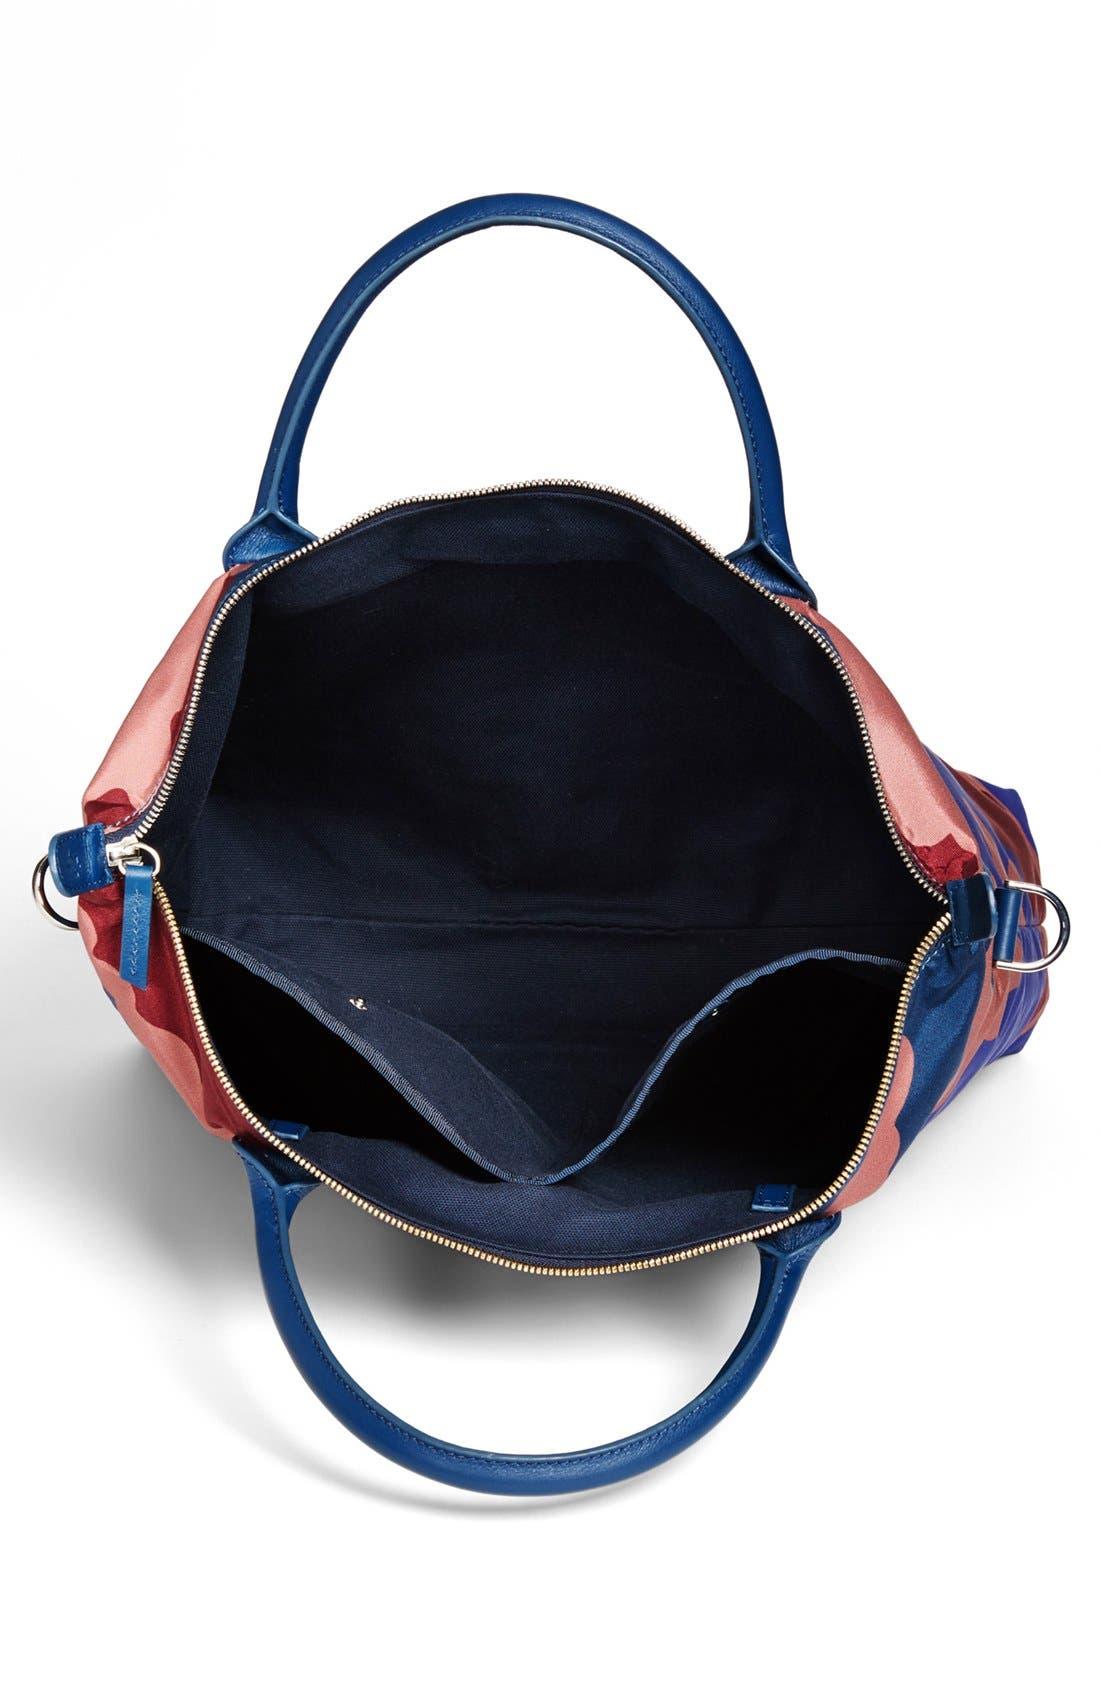 Alternate Image 3  - WANT Les Essentiels de la Vie 'O'Hare' Tote Bag